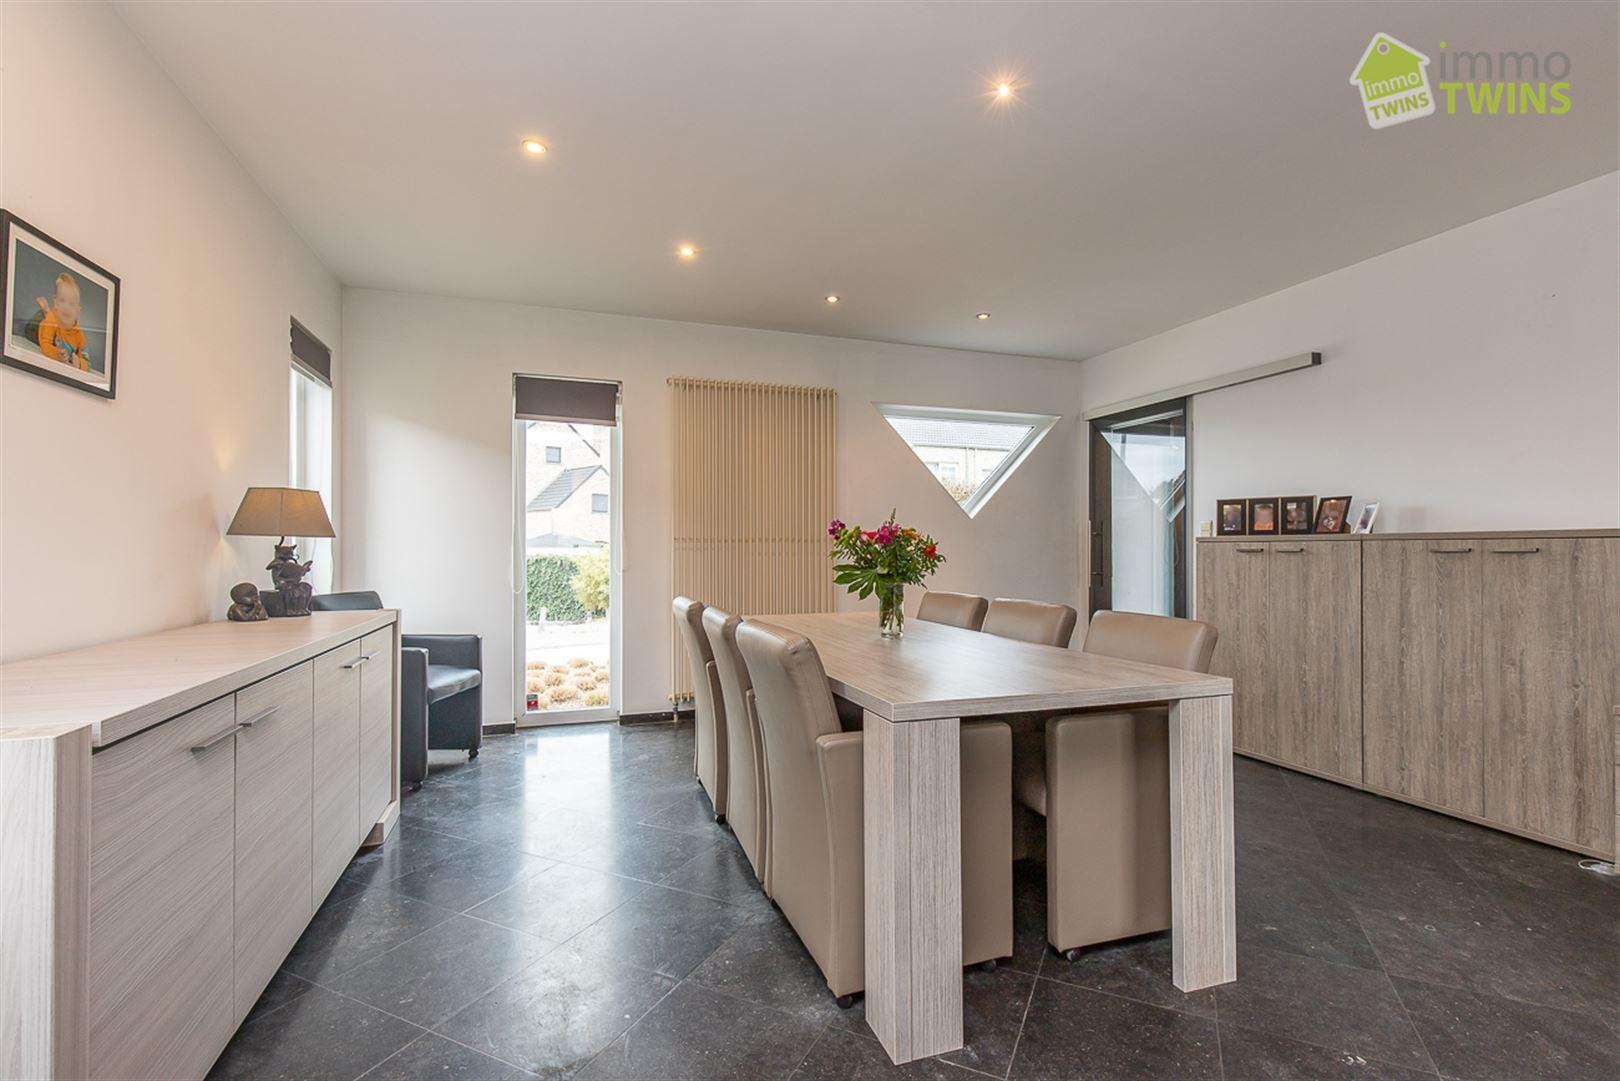 Foto 3 : Villa te 9140 TEMSE (België) - Prijs € 465.000